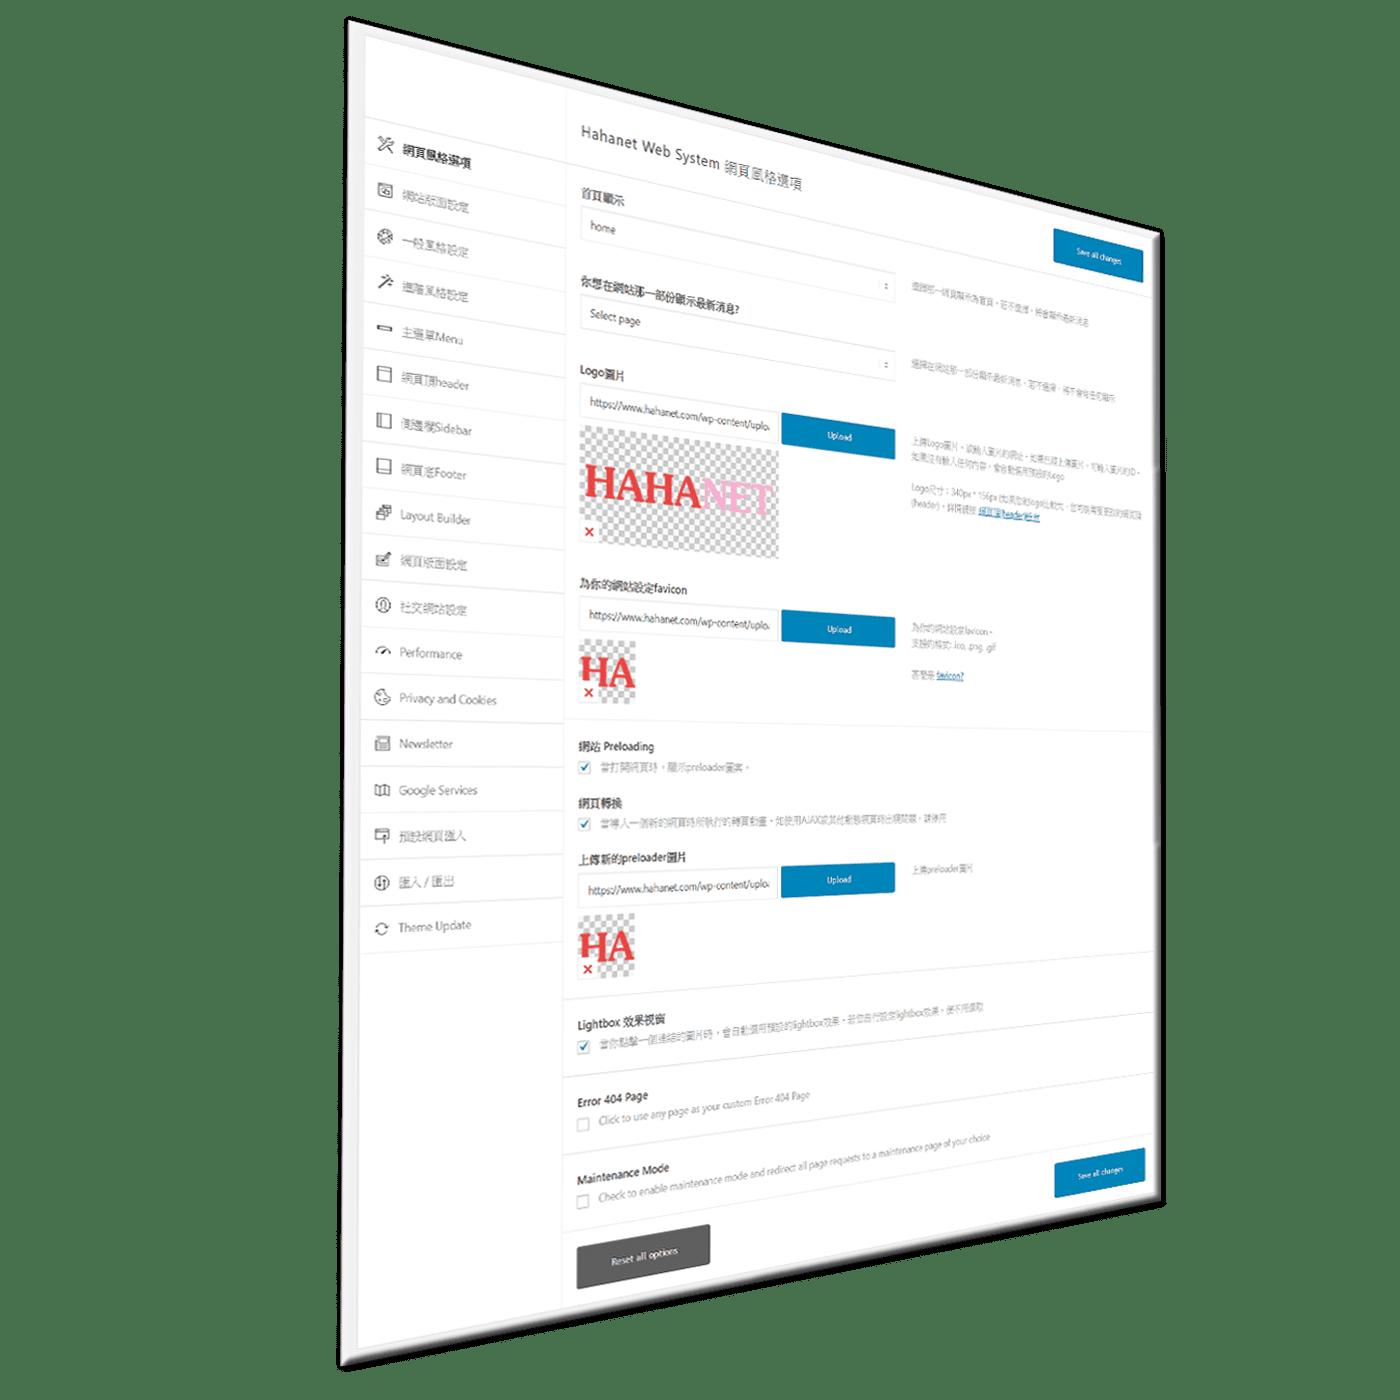 網頁風格選項控制整個網站製作的功能